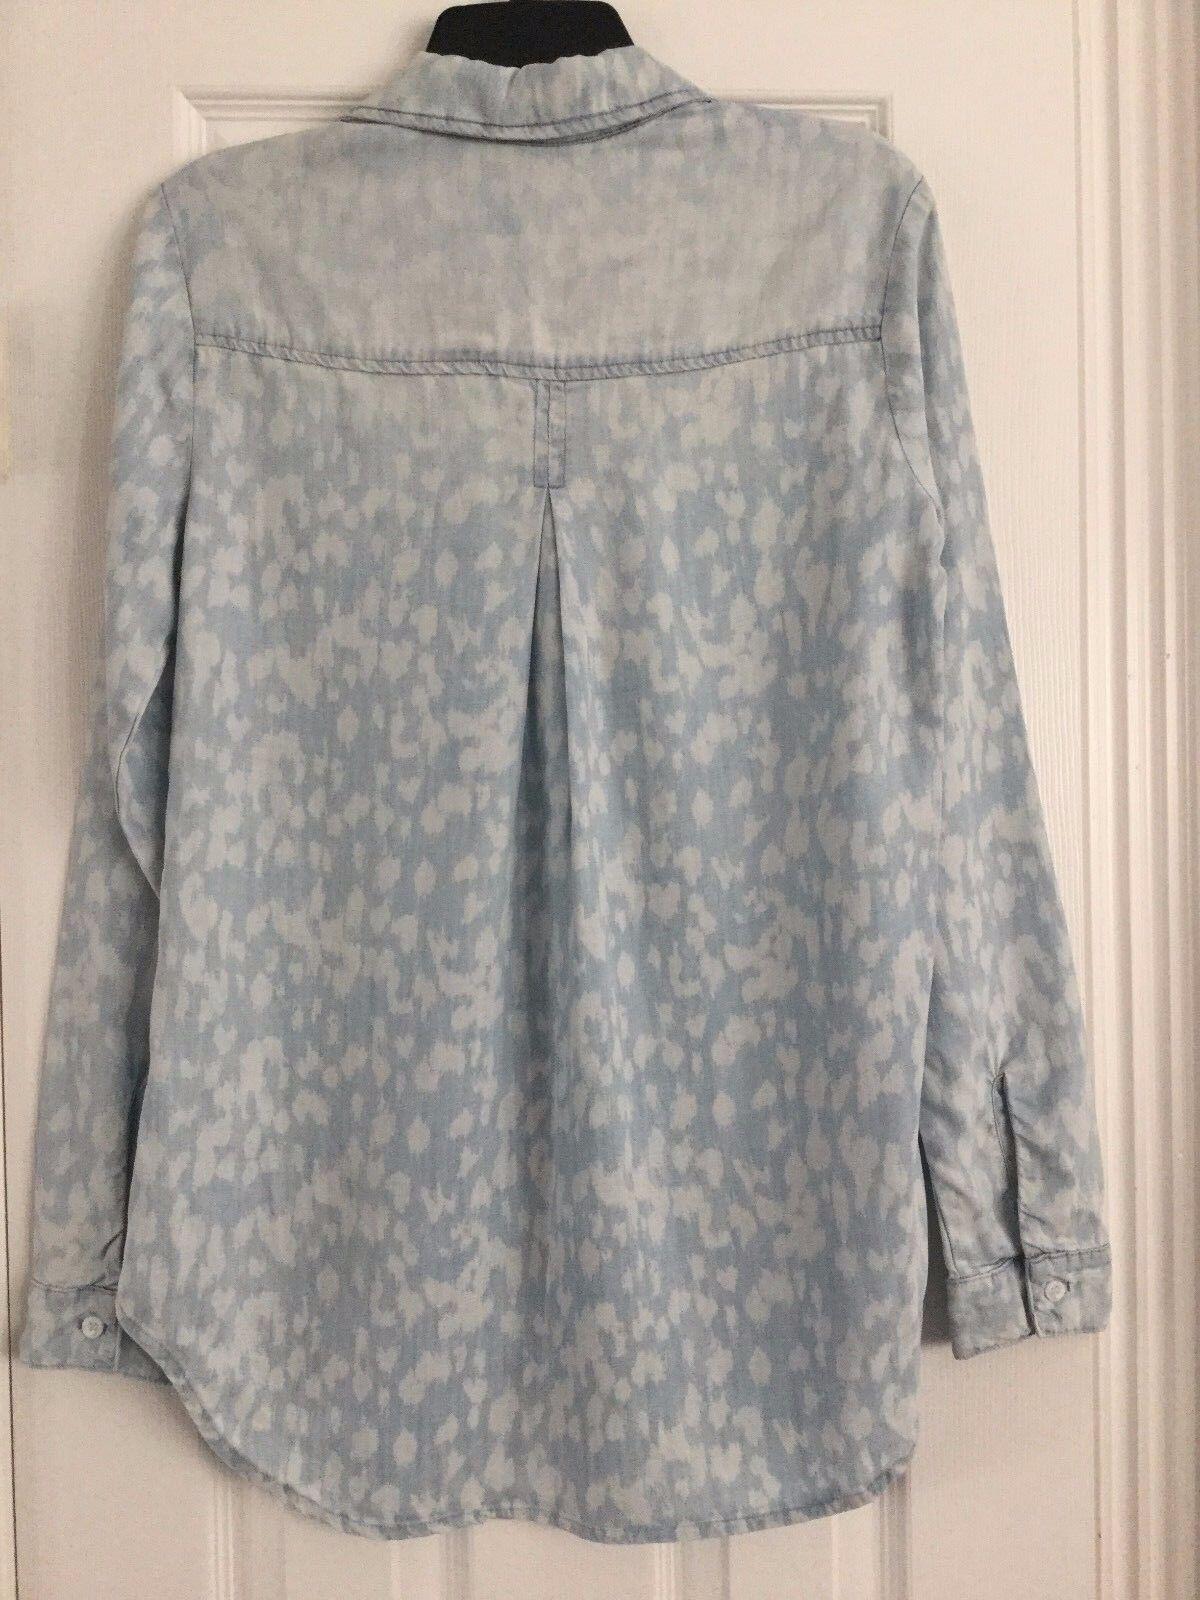 Neu Neu Neu Stoff & Stein Szs Pulli Tunika-Shirt Langärmlig Hell    Verschiedene Stile    Günstigen Preis    Up-to-date Styling    Online Shop    Produktqualität  64db90